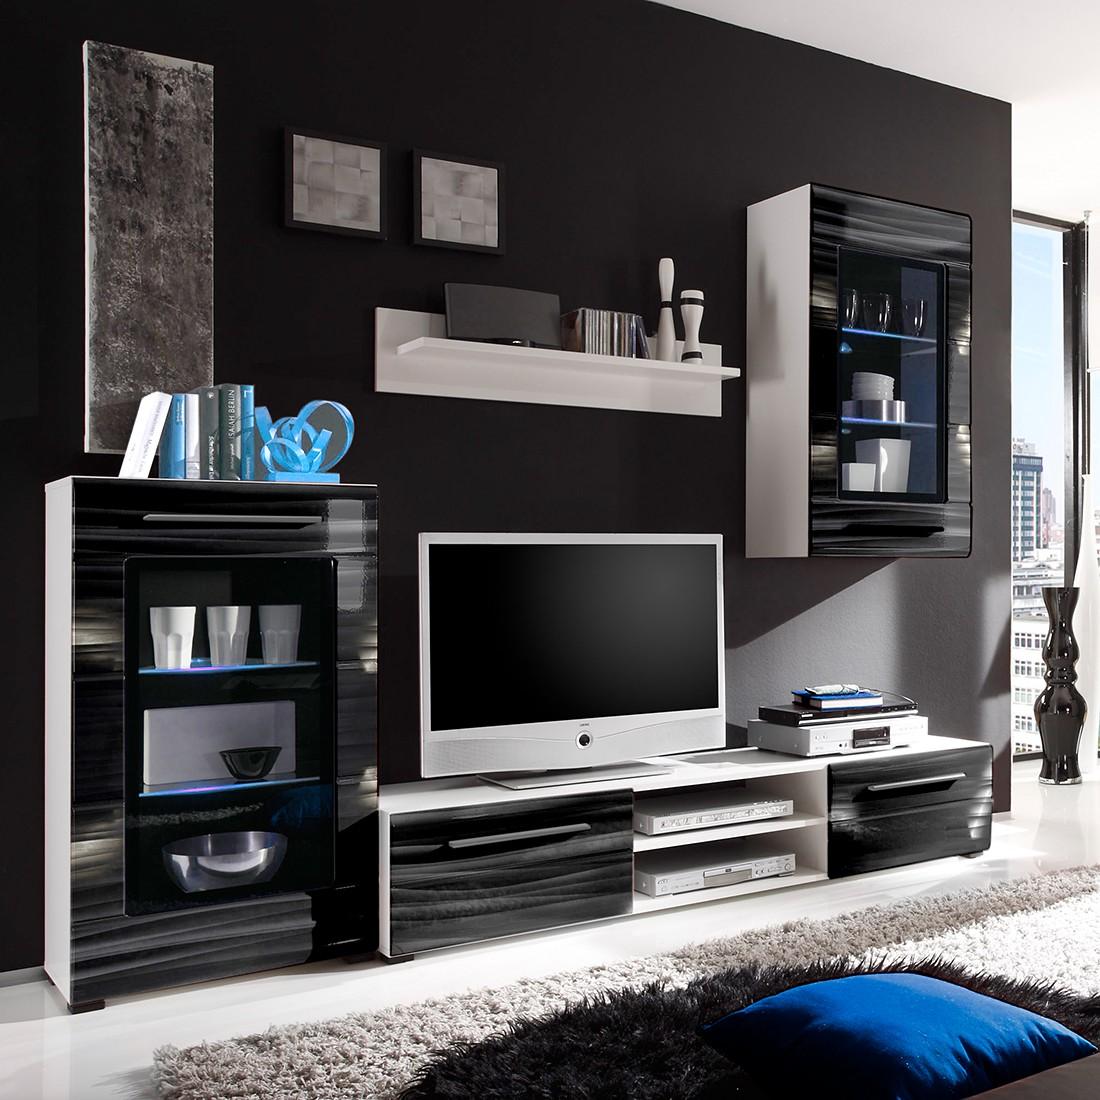 Wohnwand weiss schwarz preisvergleich die besten for Suche wohnwand